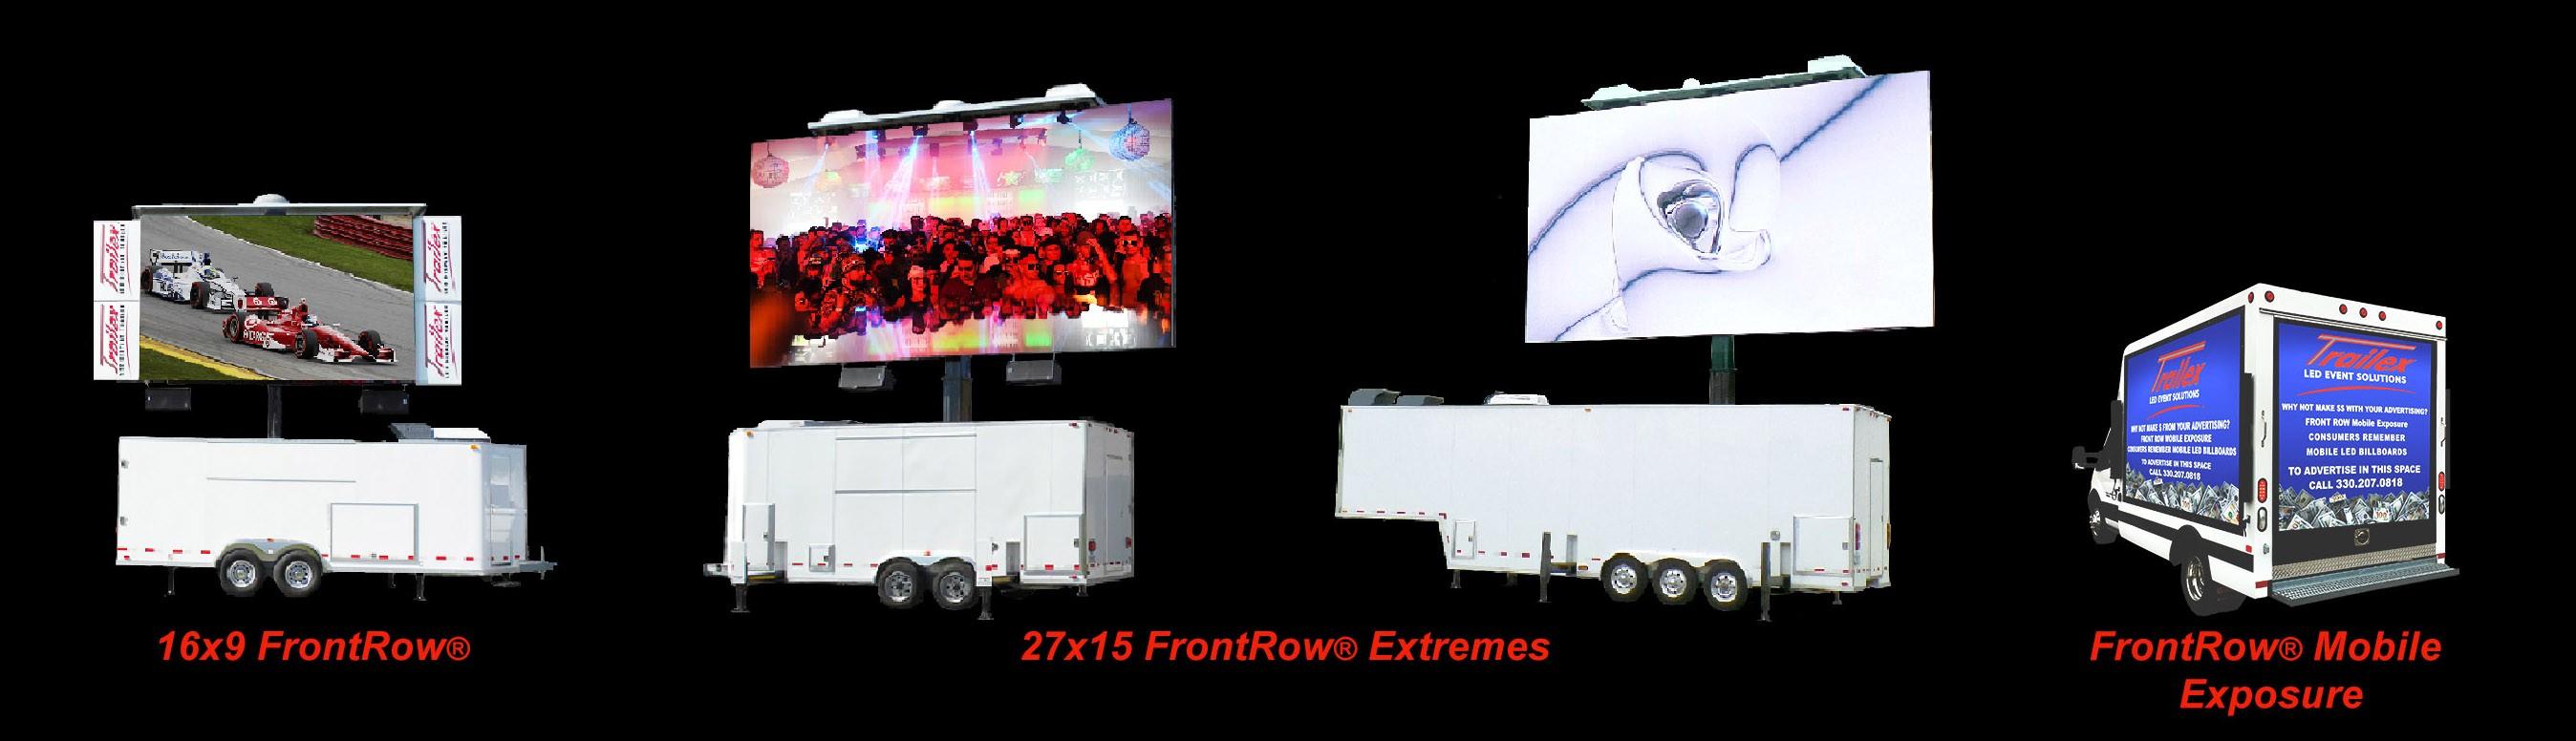 Trailex LED Events Solutions, LLC | LinkedIn